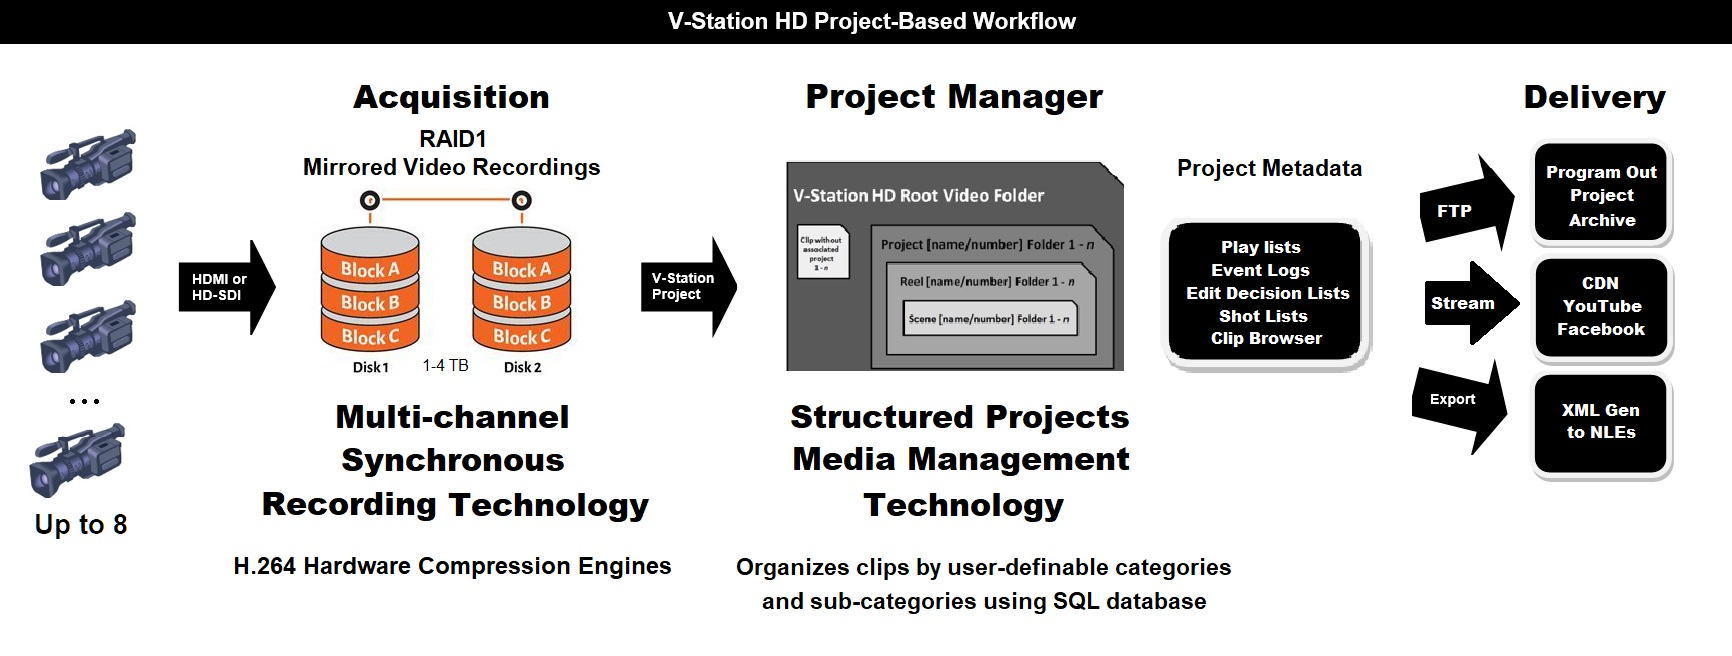 V-Station Project-based Workflow